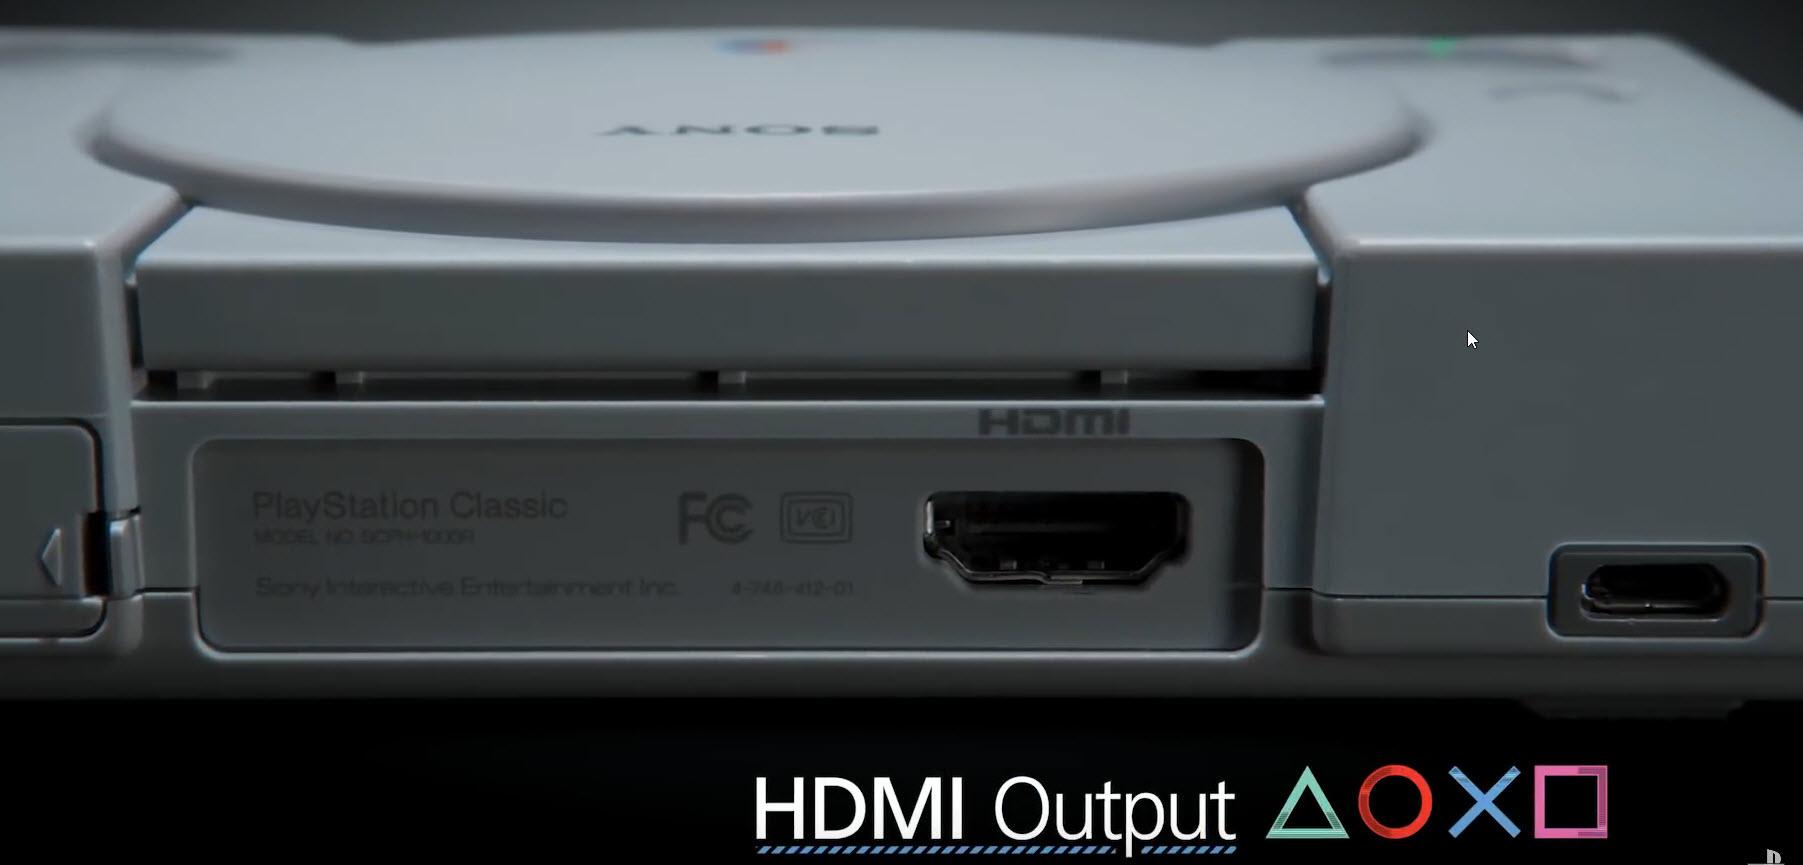 2018 09 19 14 10 25 เอาใจวัยเก๋า!!โซนี่เตรียมเปิดขาย PlayStation Classic แถมเกมส์ดัง 20เกมส์มีพอต HDMI ให้ใช้งานอีกด้วย